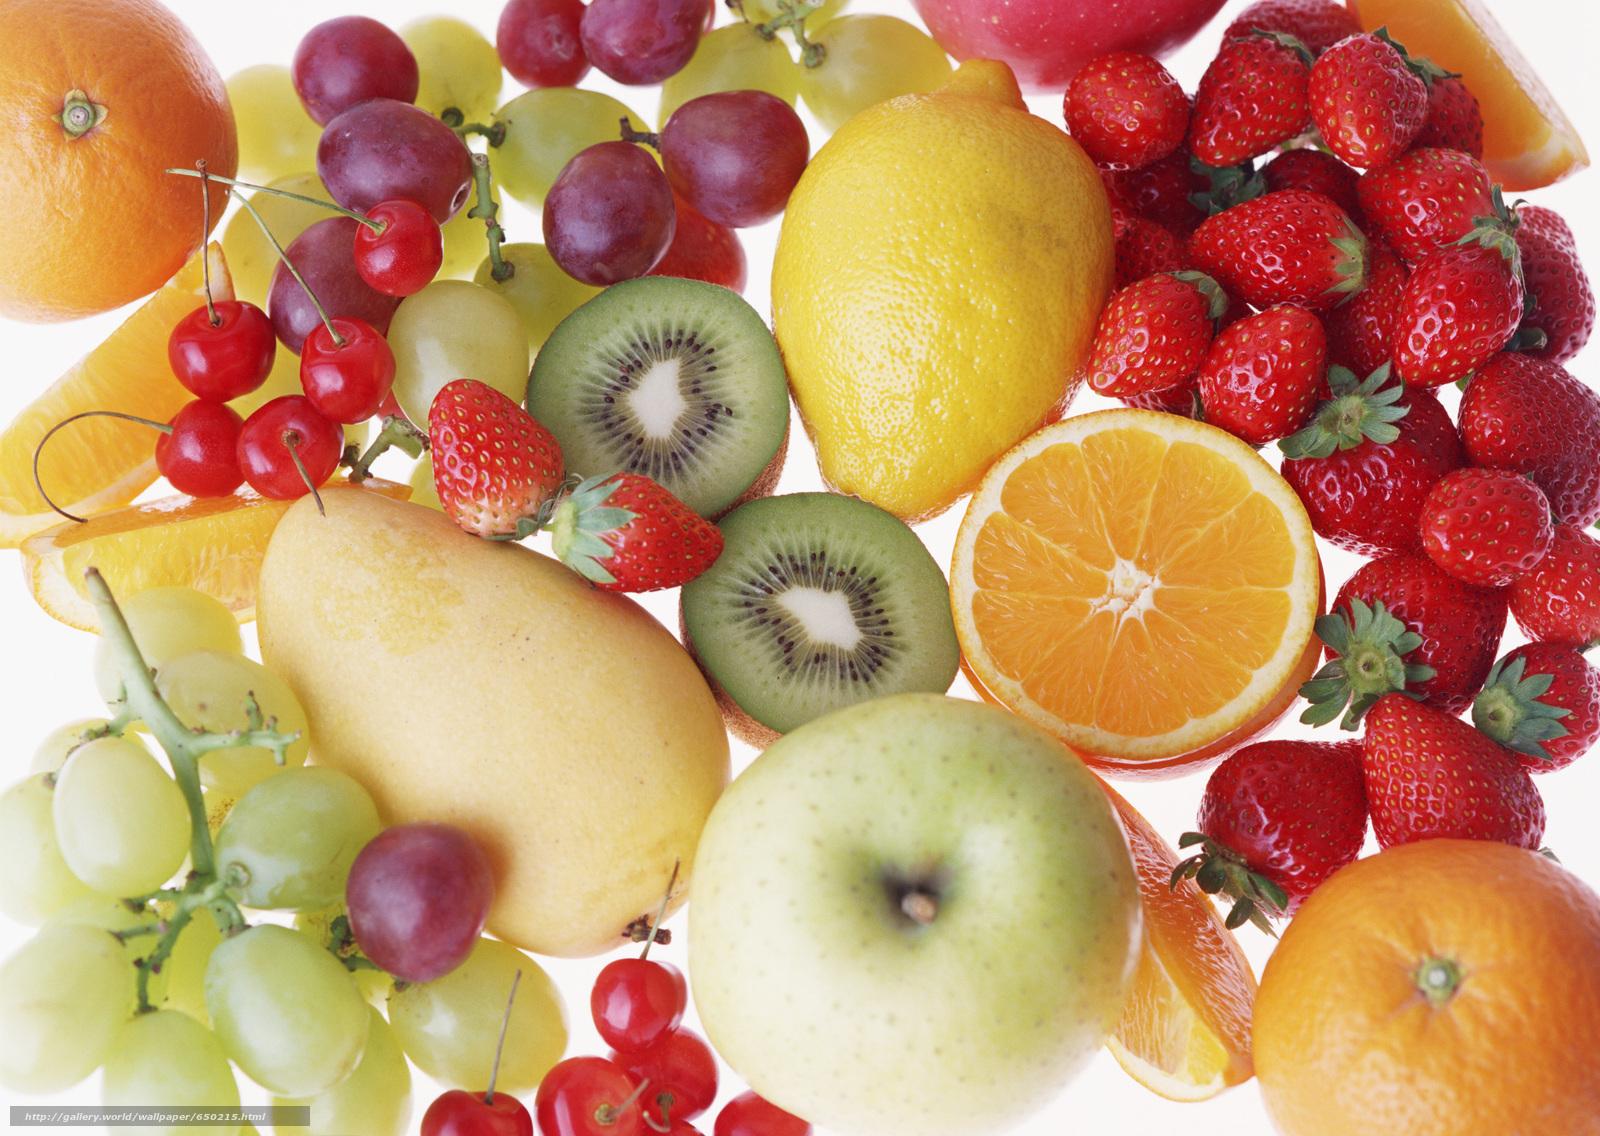 descarca imagini de fundal fruct,  BERRY,  fel de mâncare făcut,  alimente Imagini de fundal gratuite pentru rezoluia desktop 2950x2094 — imagine №650215